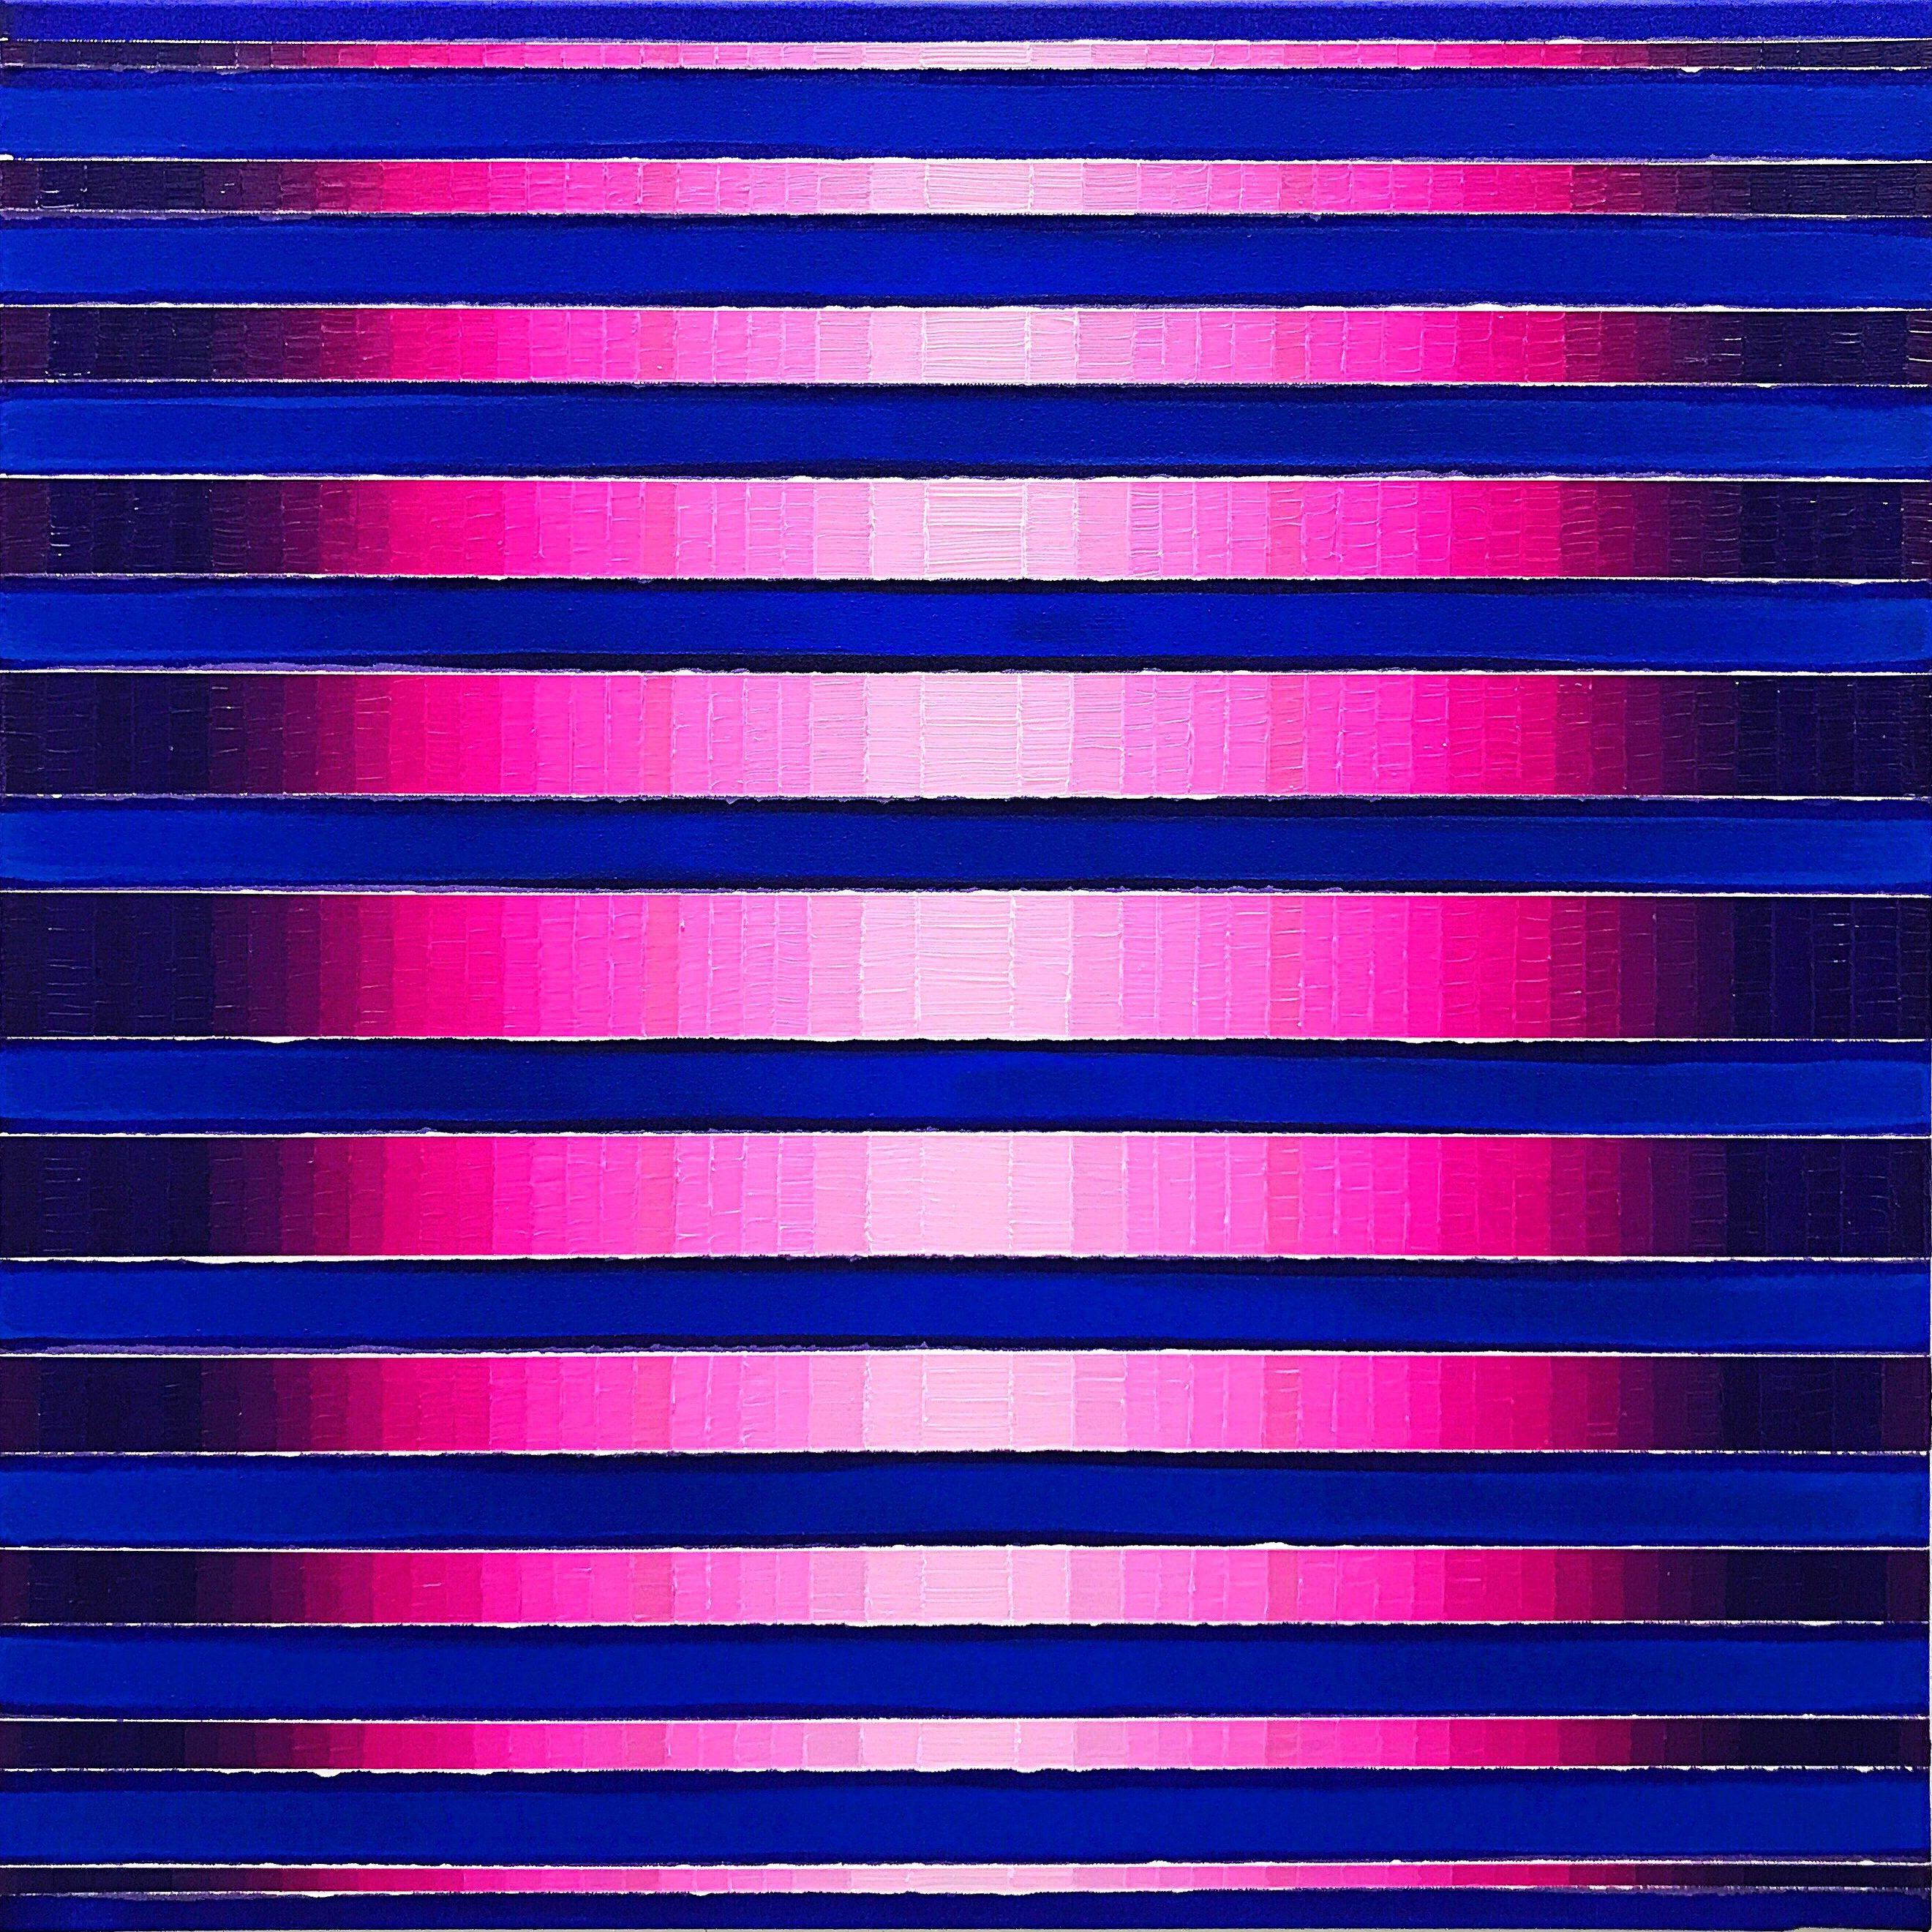 WAHRNEHMUNGSSTREIFEN 07 Canvas  80 x 80 x 2 cm  Acrylic Oil on canvas